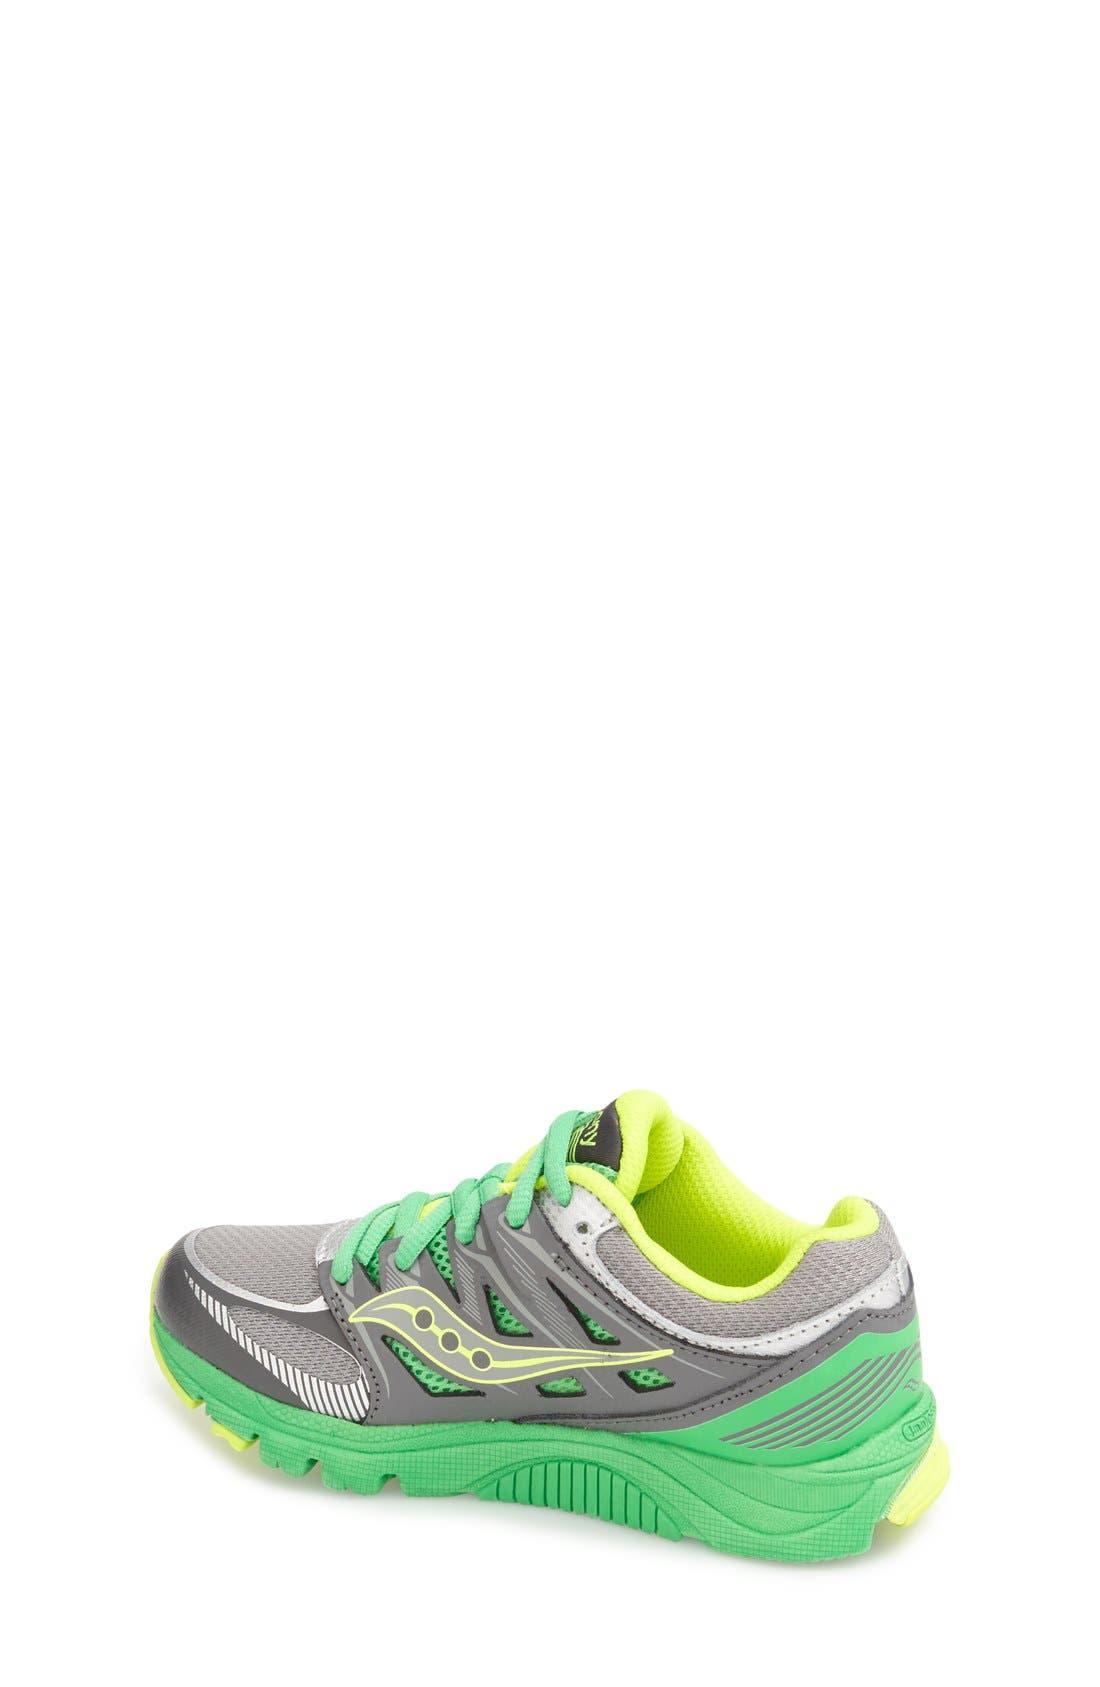 Alternate Image 2  - Saucony 'Zealot' Athletic Shoe (Toddler, Little Kid & Big Kid)